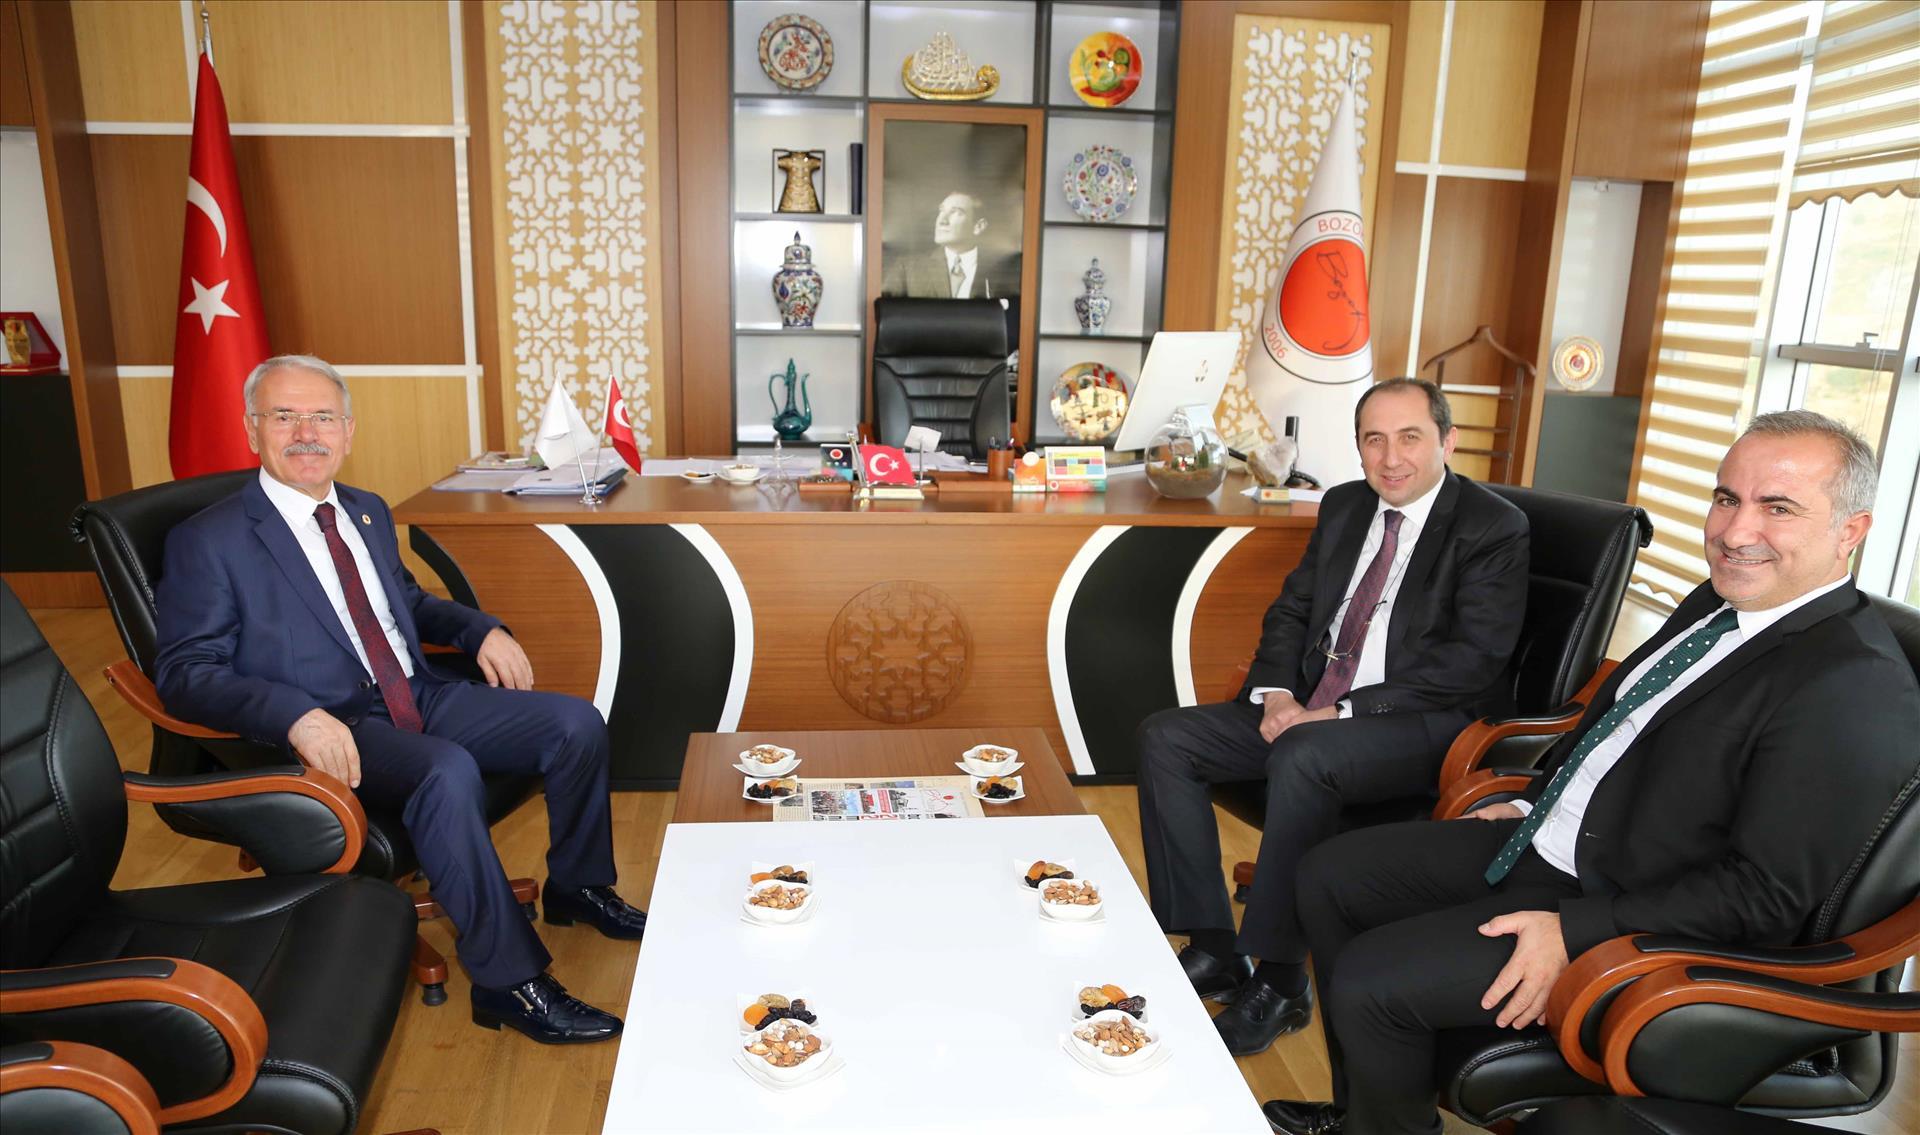 Rektörümüz Bozok Üniversitesi Rektörü Prof. Dr. Karacabey'i Ziyaret Etti